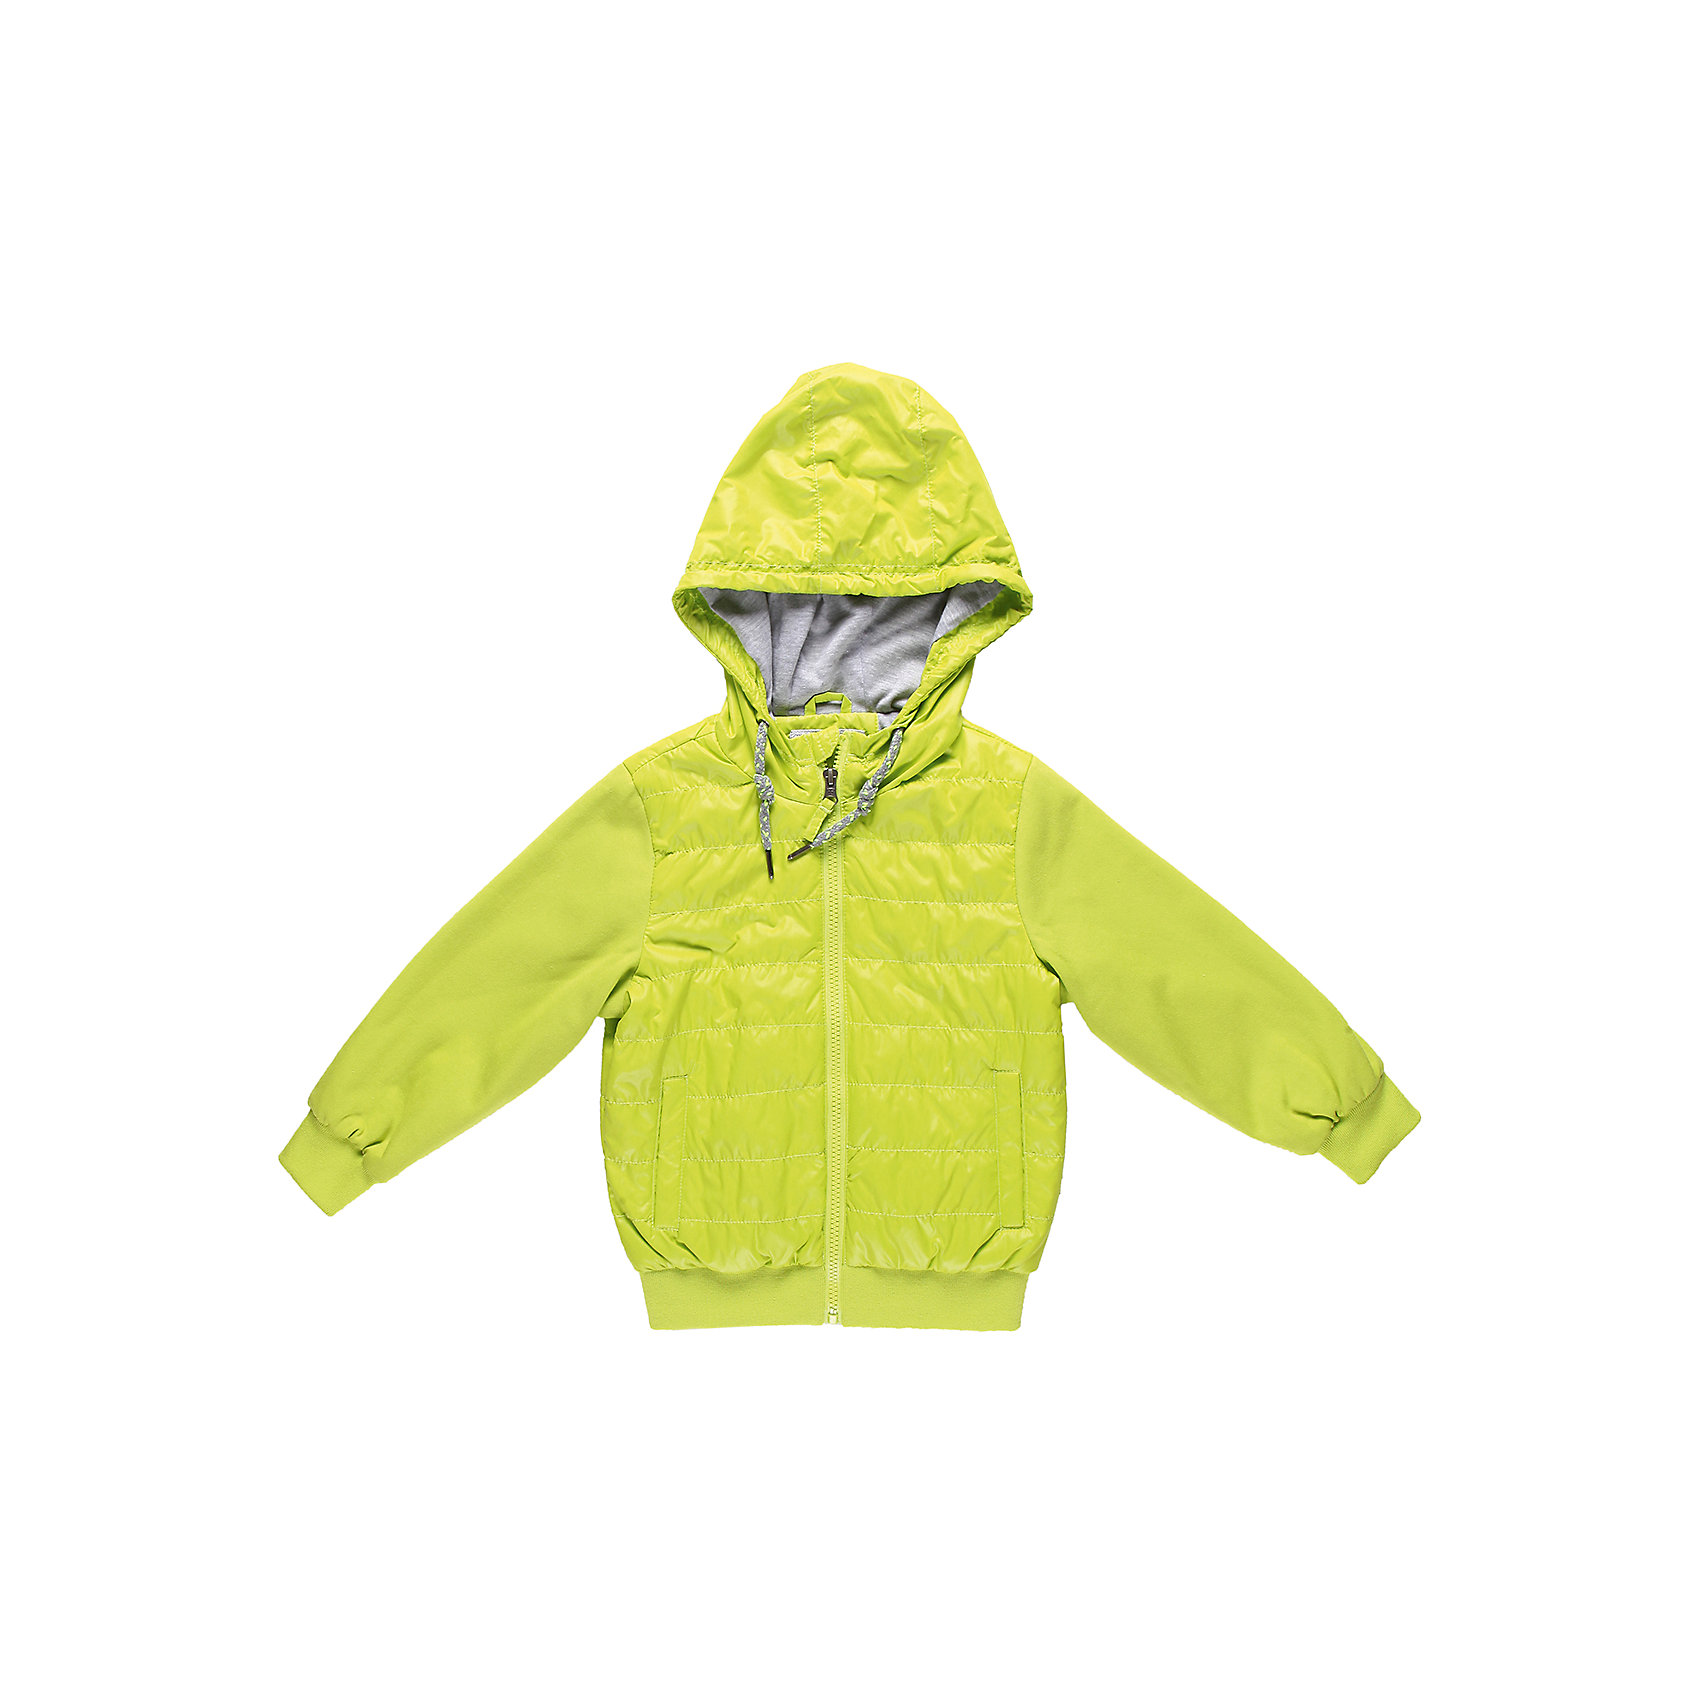 Куртка для мальчика Sweet BerryВерхняя одежда<br>Куртка с трикотажными рукавами и капюшоном. Внутри трикотажная подкладка.<br>Состав:<br>Верх: 100% полиэстер, 65% хлопок, 35% полиэстер, Подкладка: 65% хлопок, 35% полиэстер, Наполнитель: 100% полиэстер<br><br>Ширина мм: 356<br>Глубина мм: 10<br>Высота мм: 245<br>Вес г: 519<br>Цвет: зеленый<br>Возраст от месяцев: 36<br>Возраст до месяцев: 48<br>Пол: Мужской<br>Возраст: Детский<br>Размер: 104,110,98,128,122,116<br>SKU: 4522824